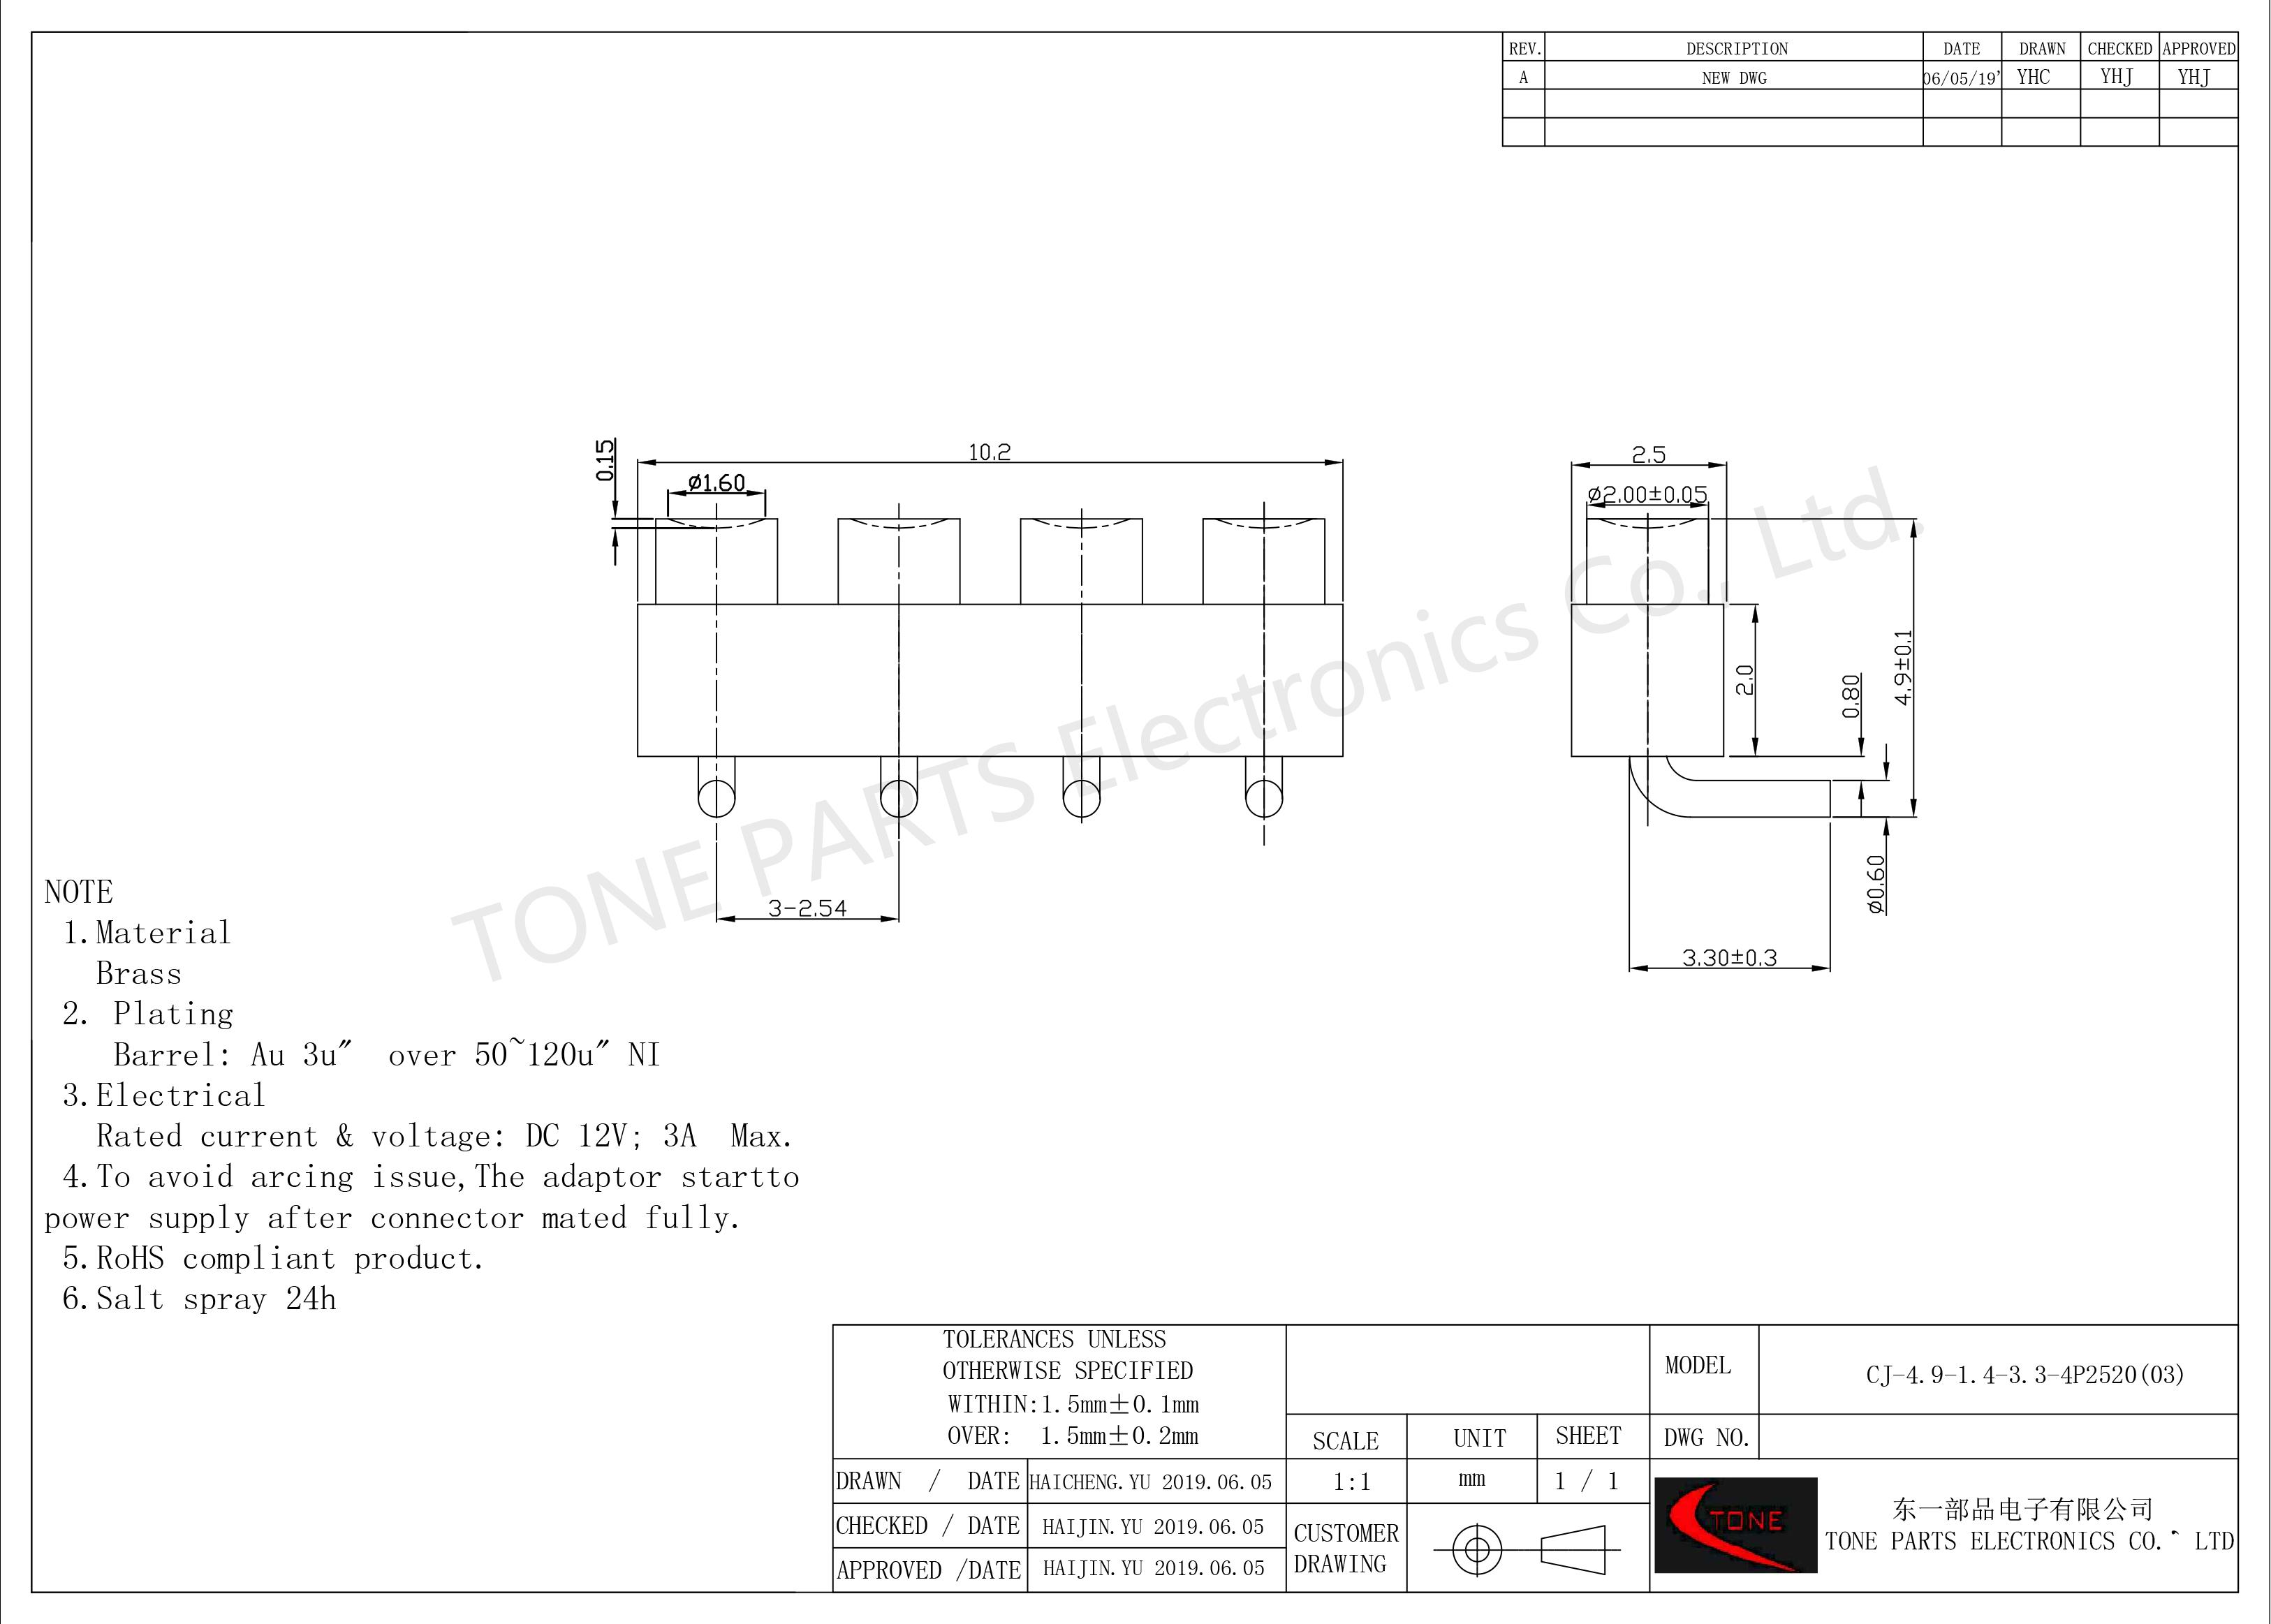 CJ-4.9-1.4-3.3-4P2520